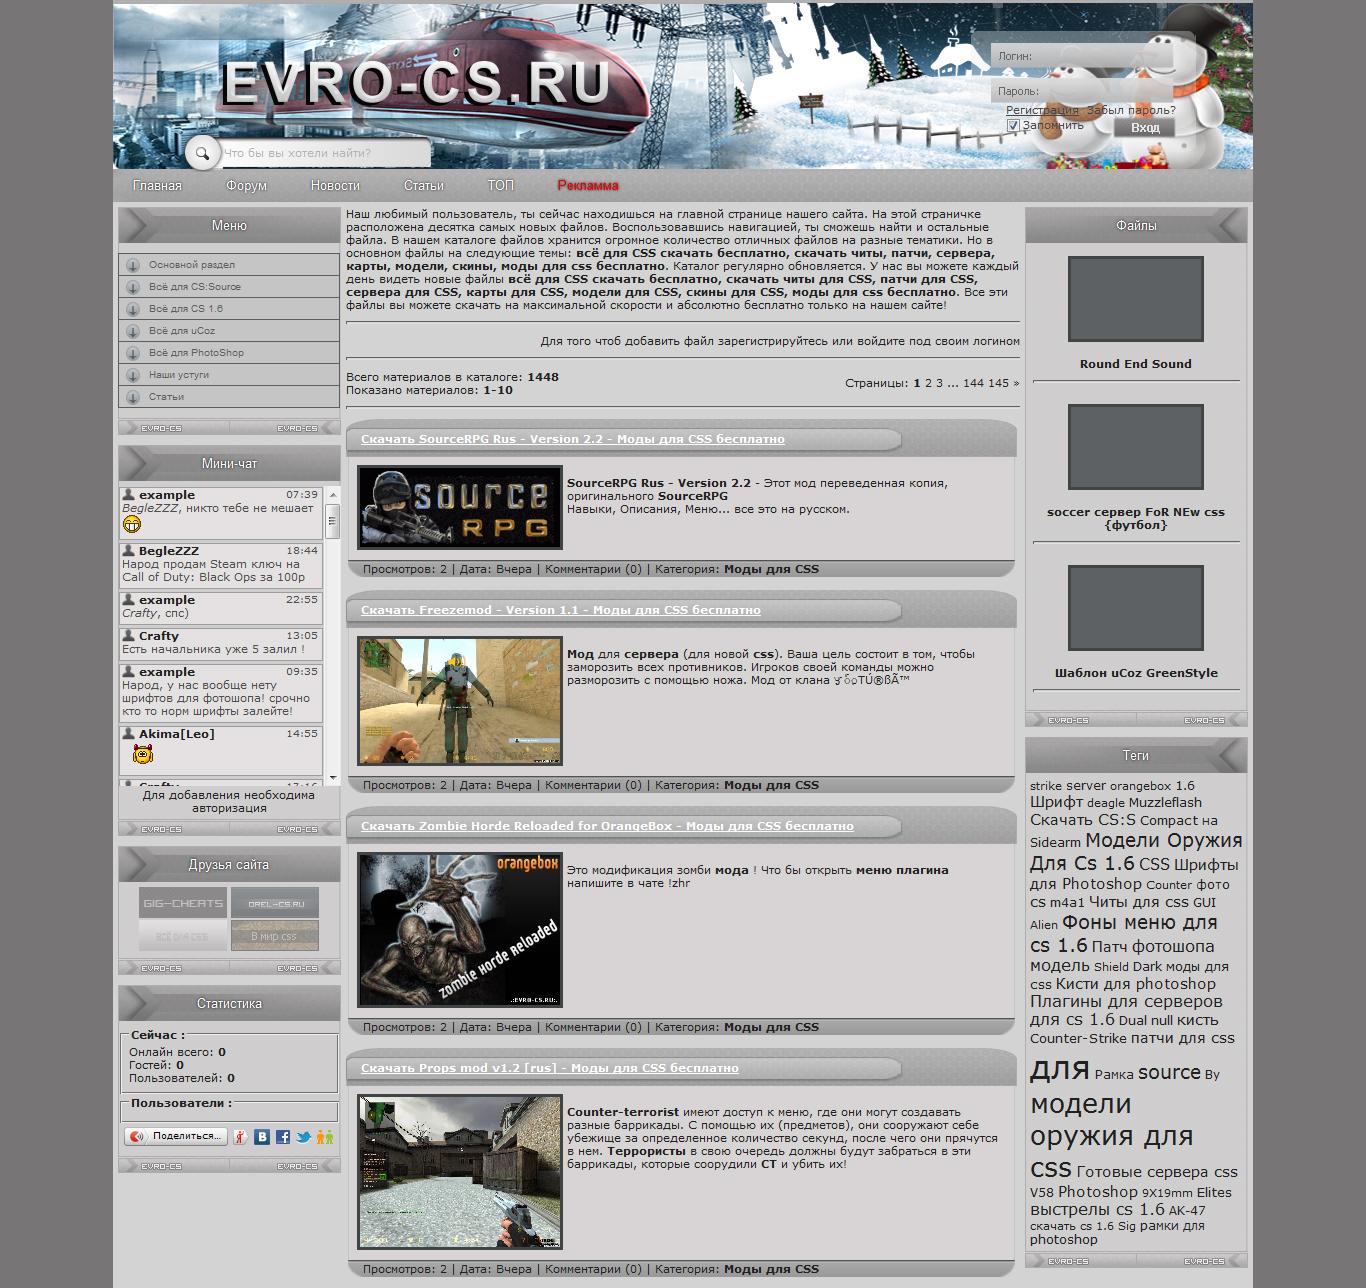 Одноцветные лого для кс 1 6, бесплатные ...: pictures11.ru/odnocvetnye-logo-dlya-ks-1-6.html